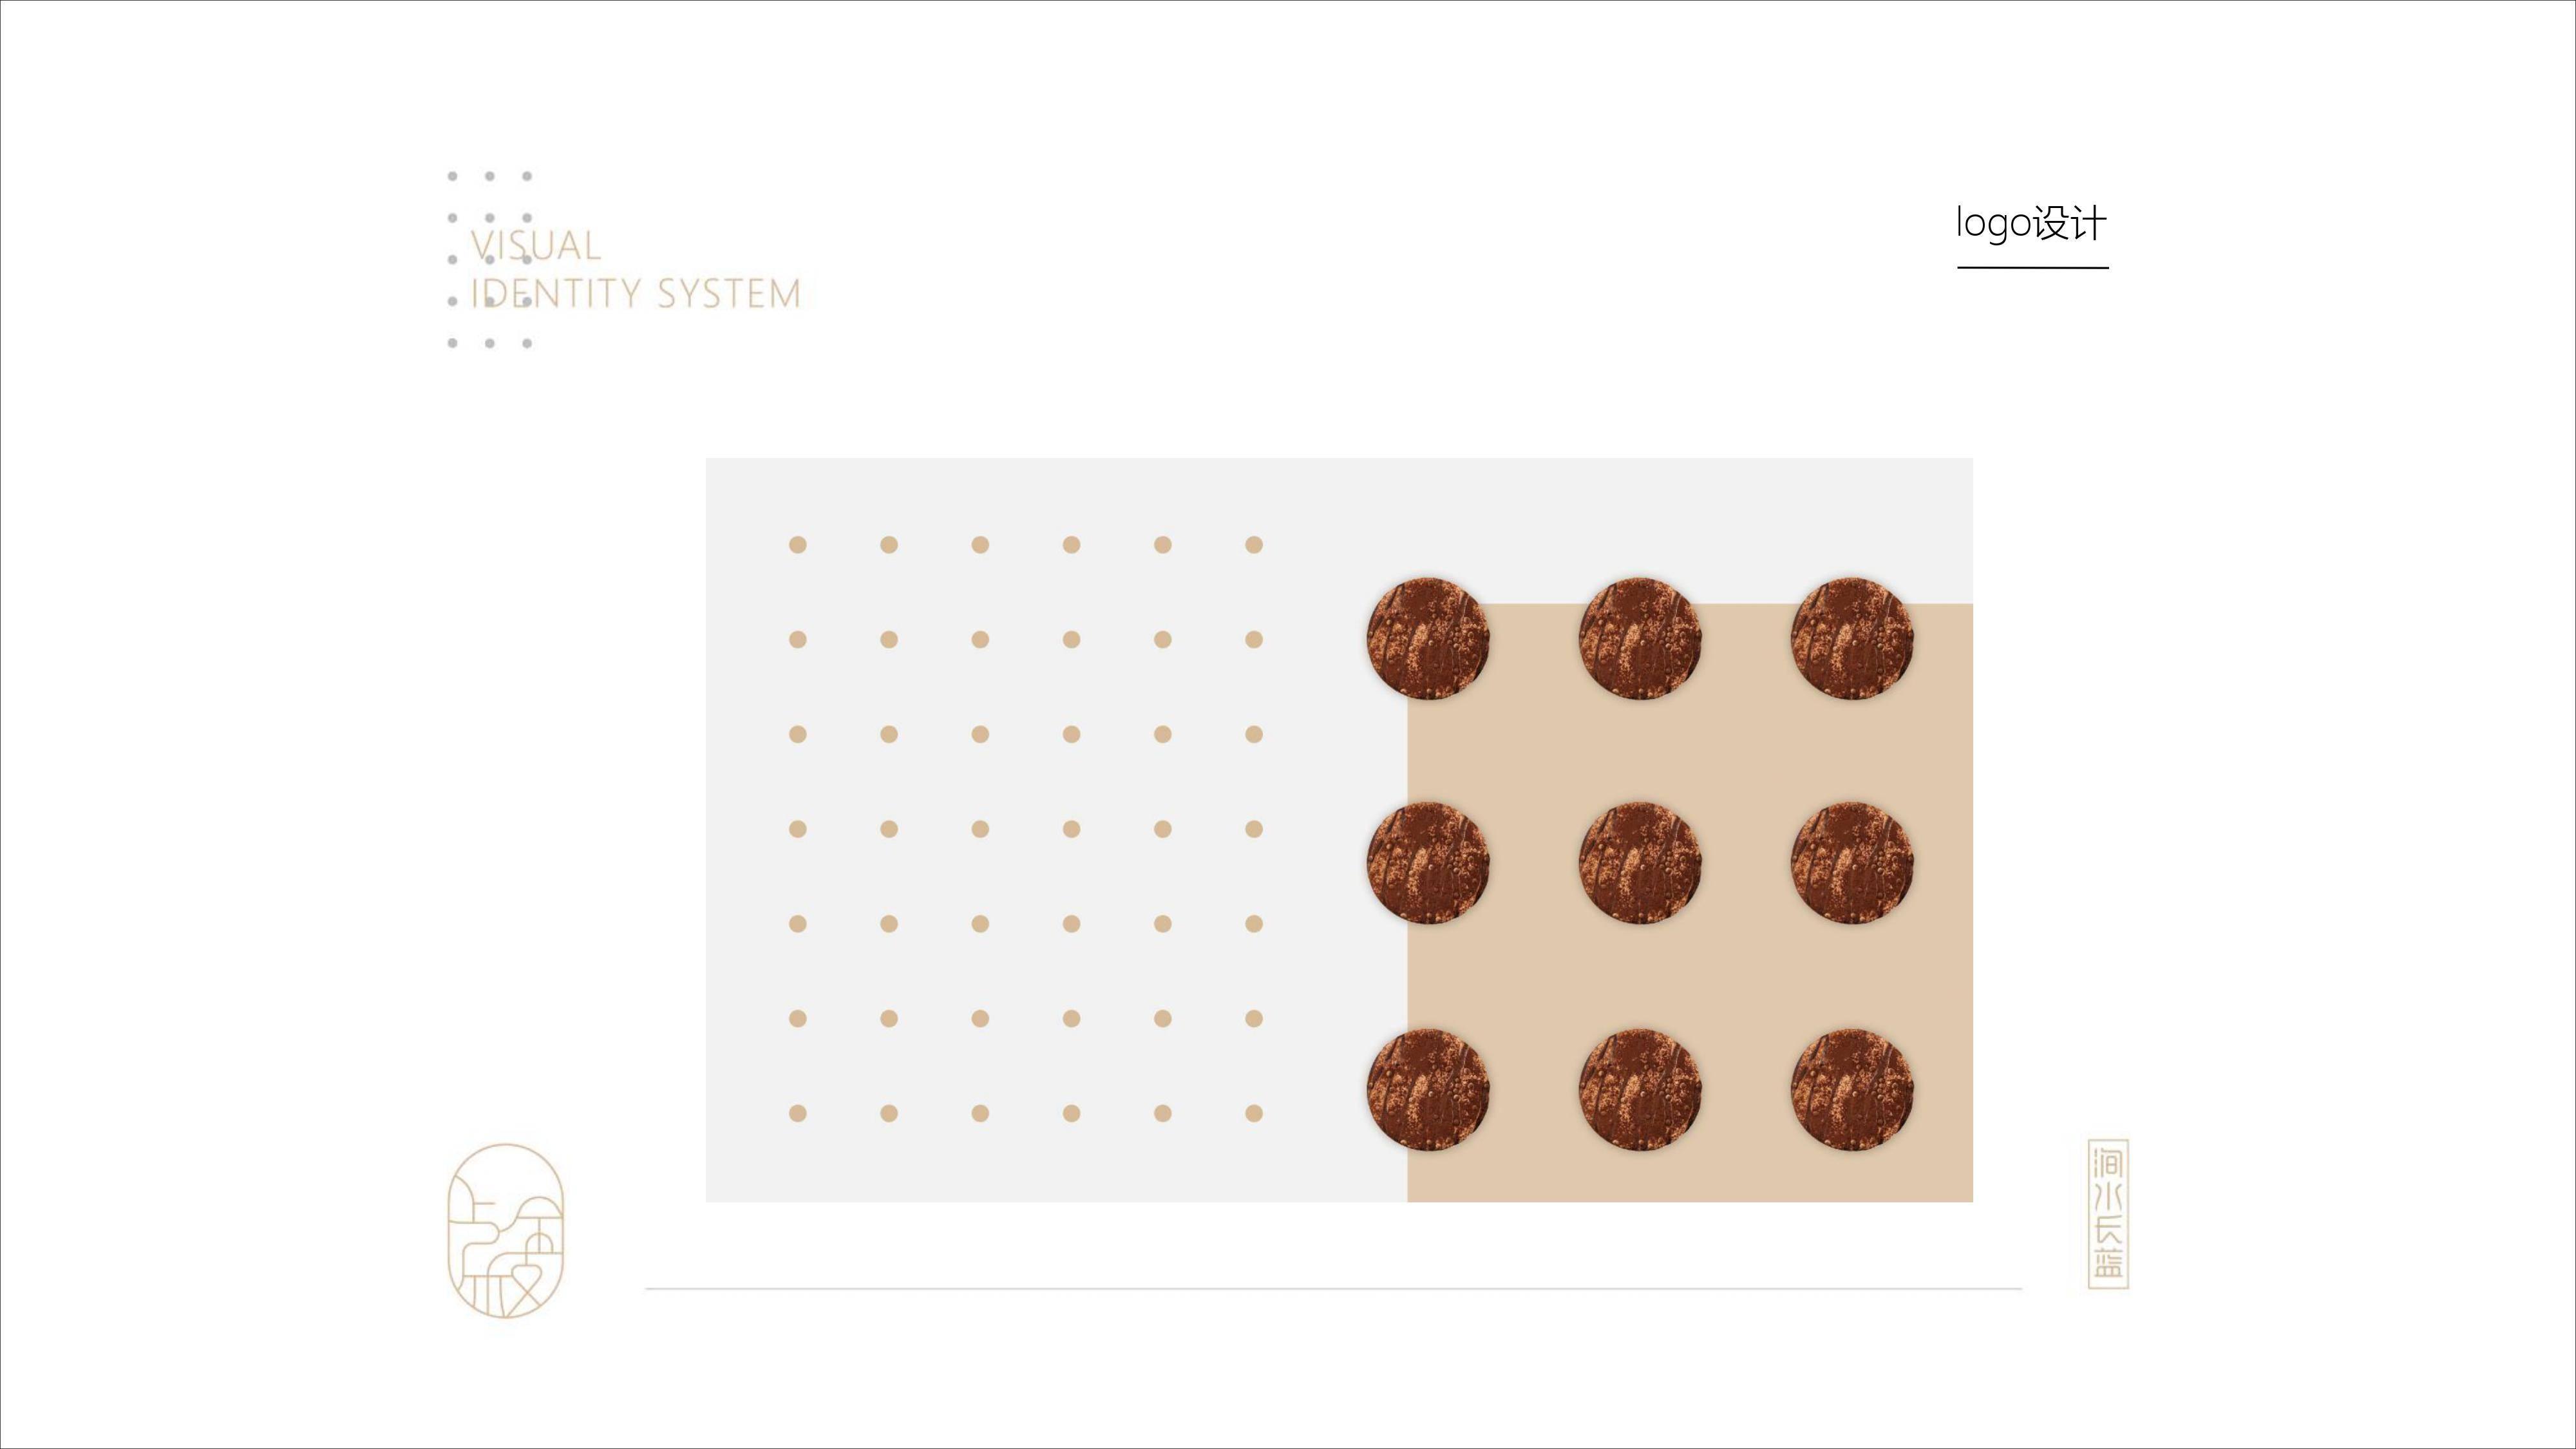 卢金枝-餐饮品牌升级/品牌运营案例